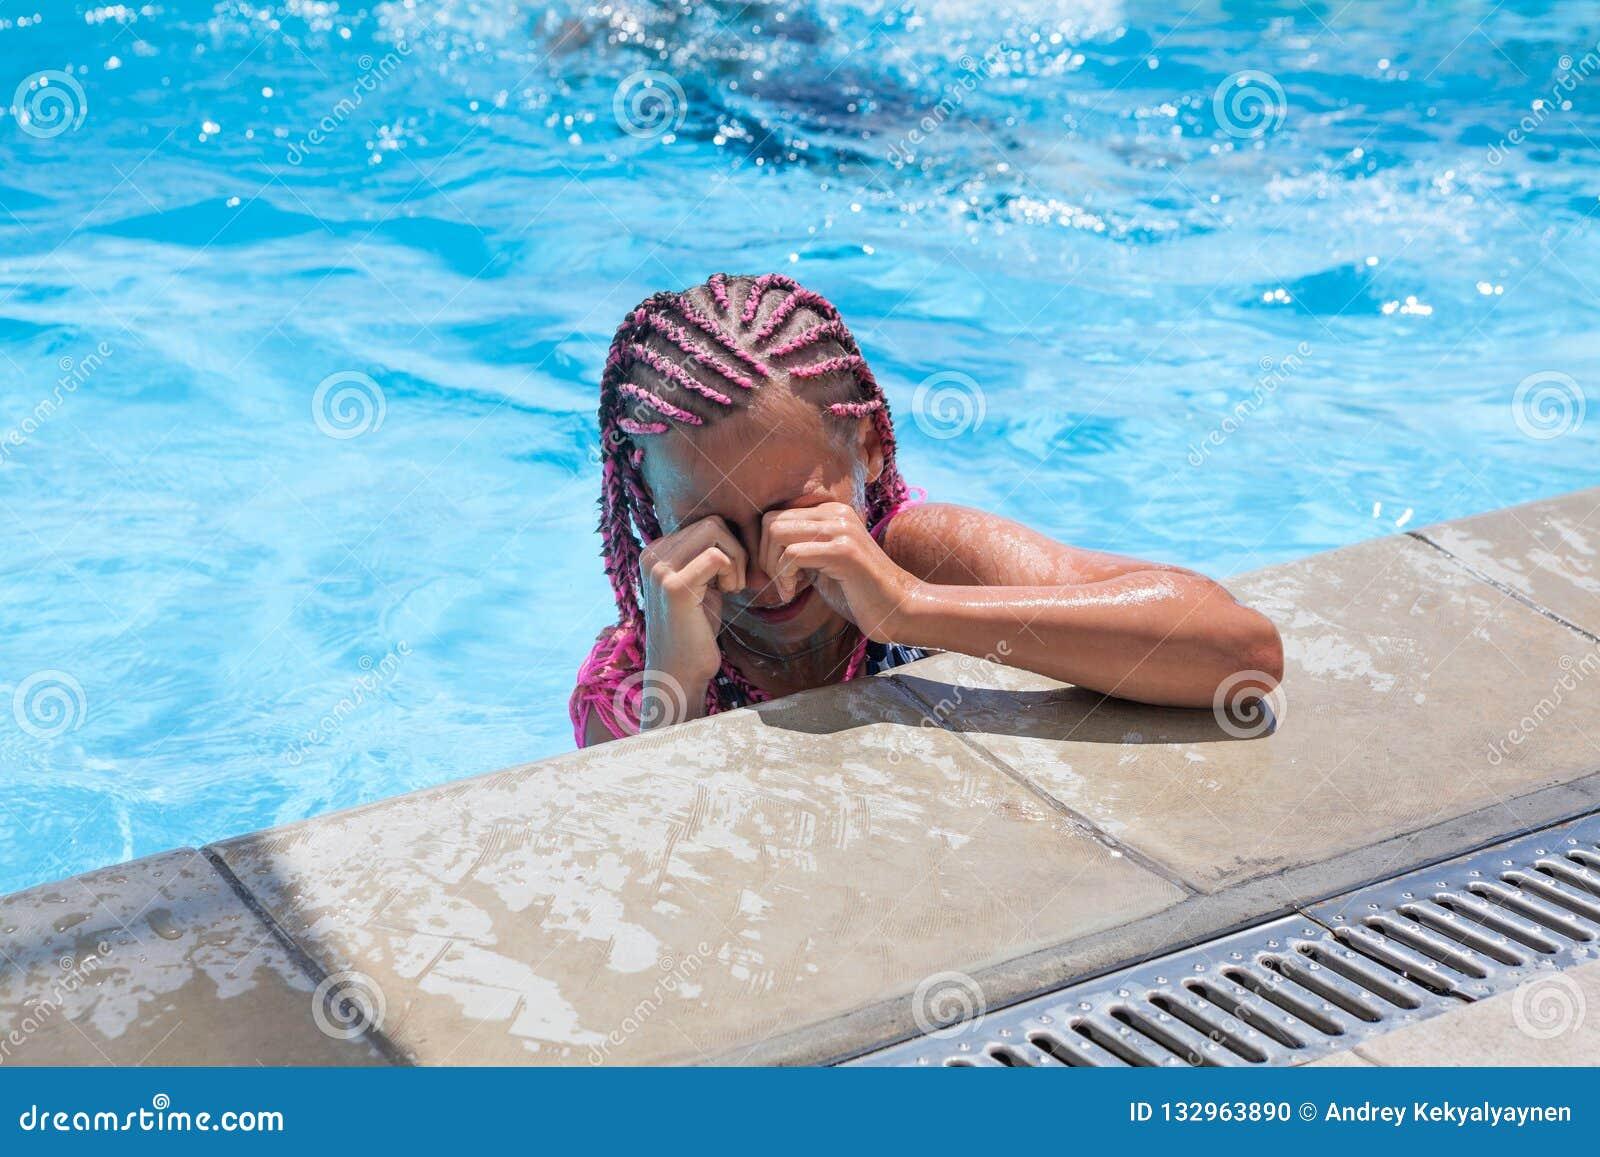 抹从眼睛的青春期前的女孩水,当游泳在水池时